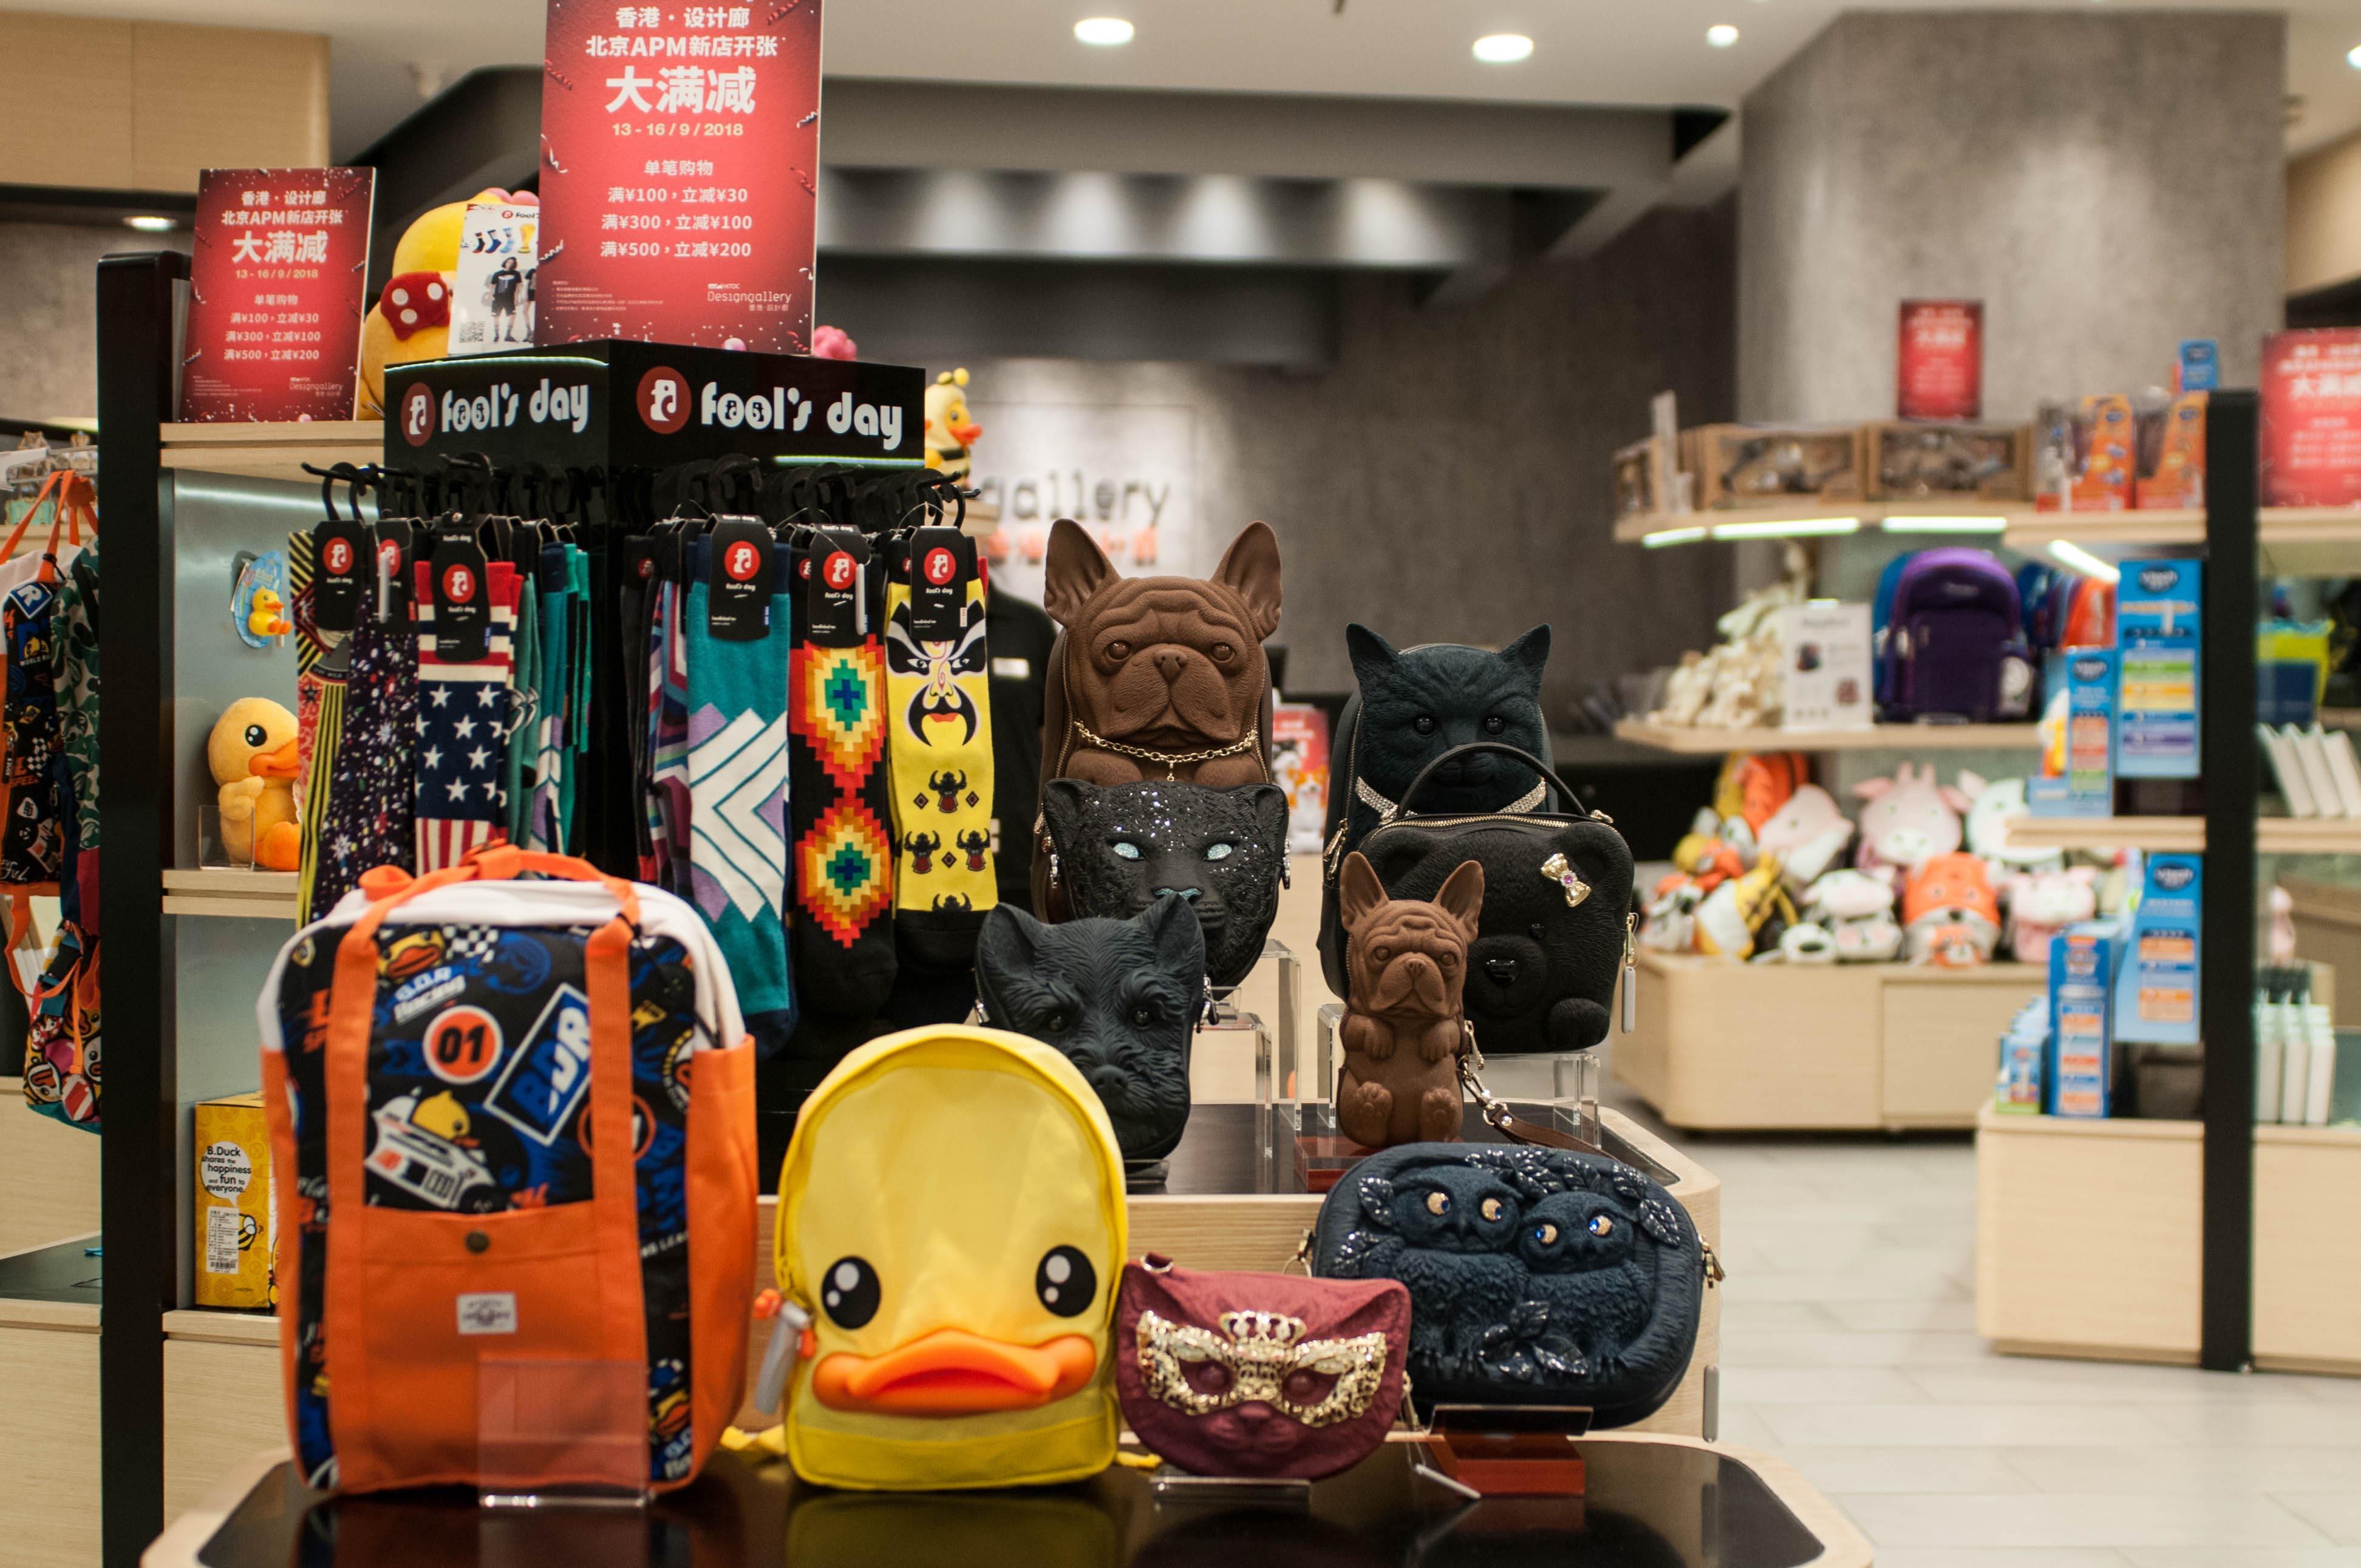 打造个性化体验感 文创产品成购物中心新风向标